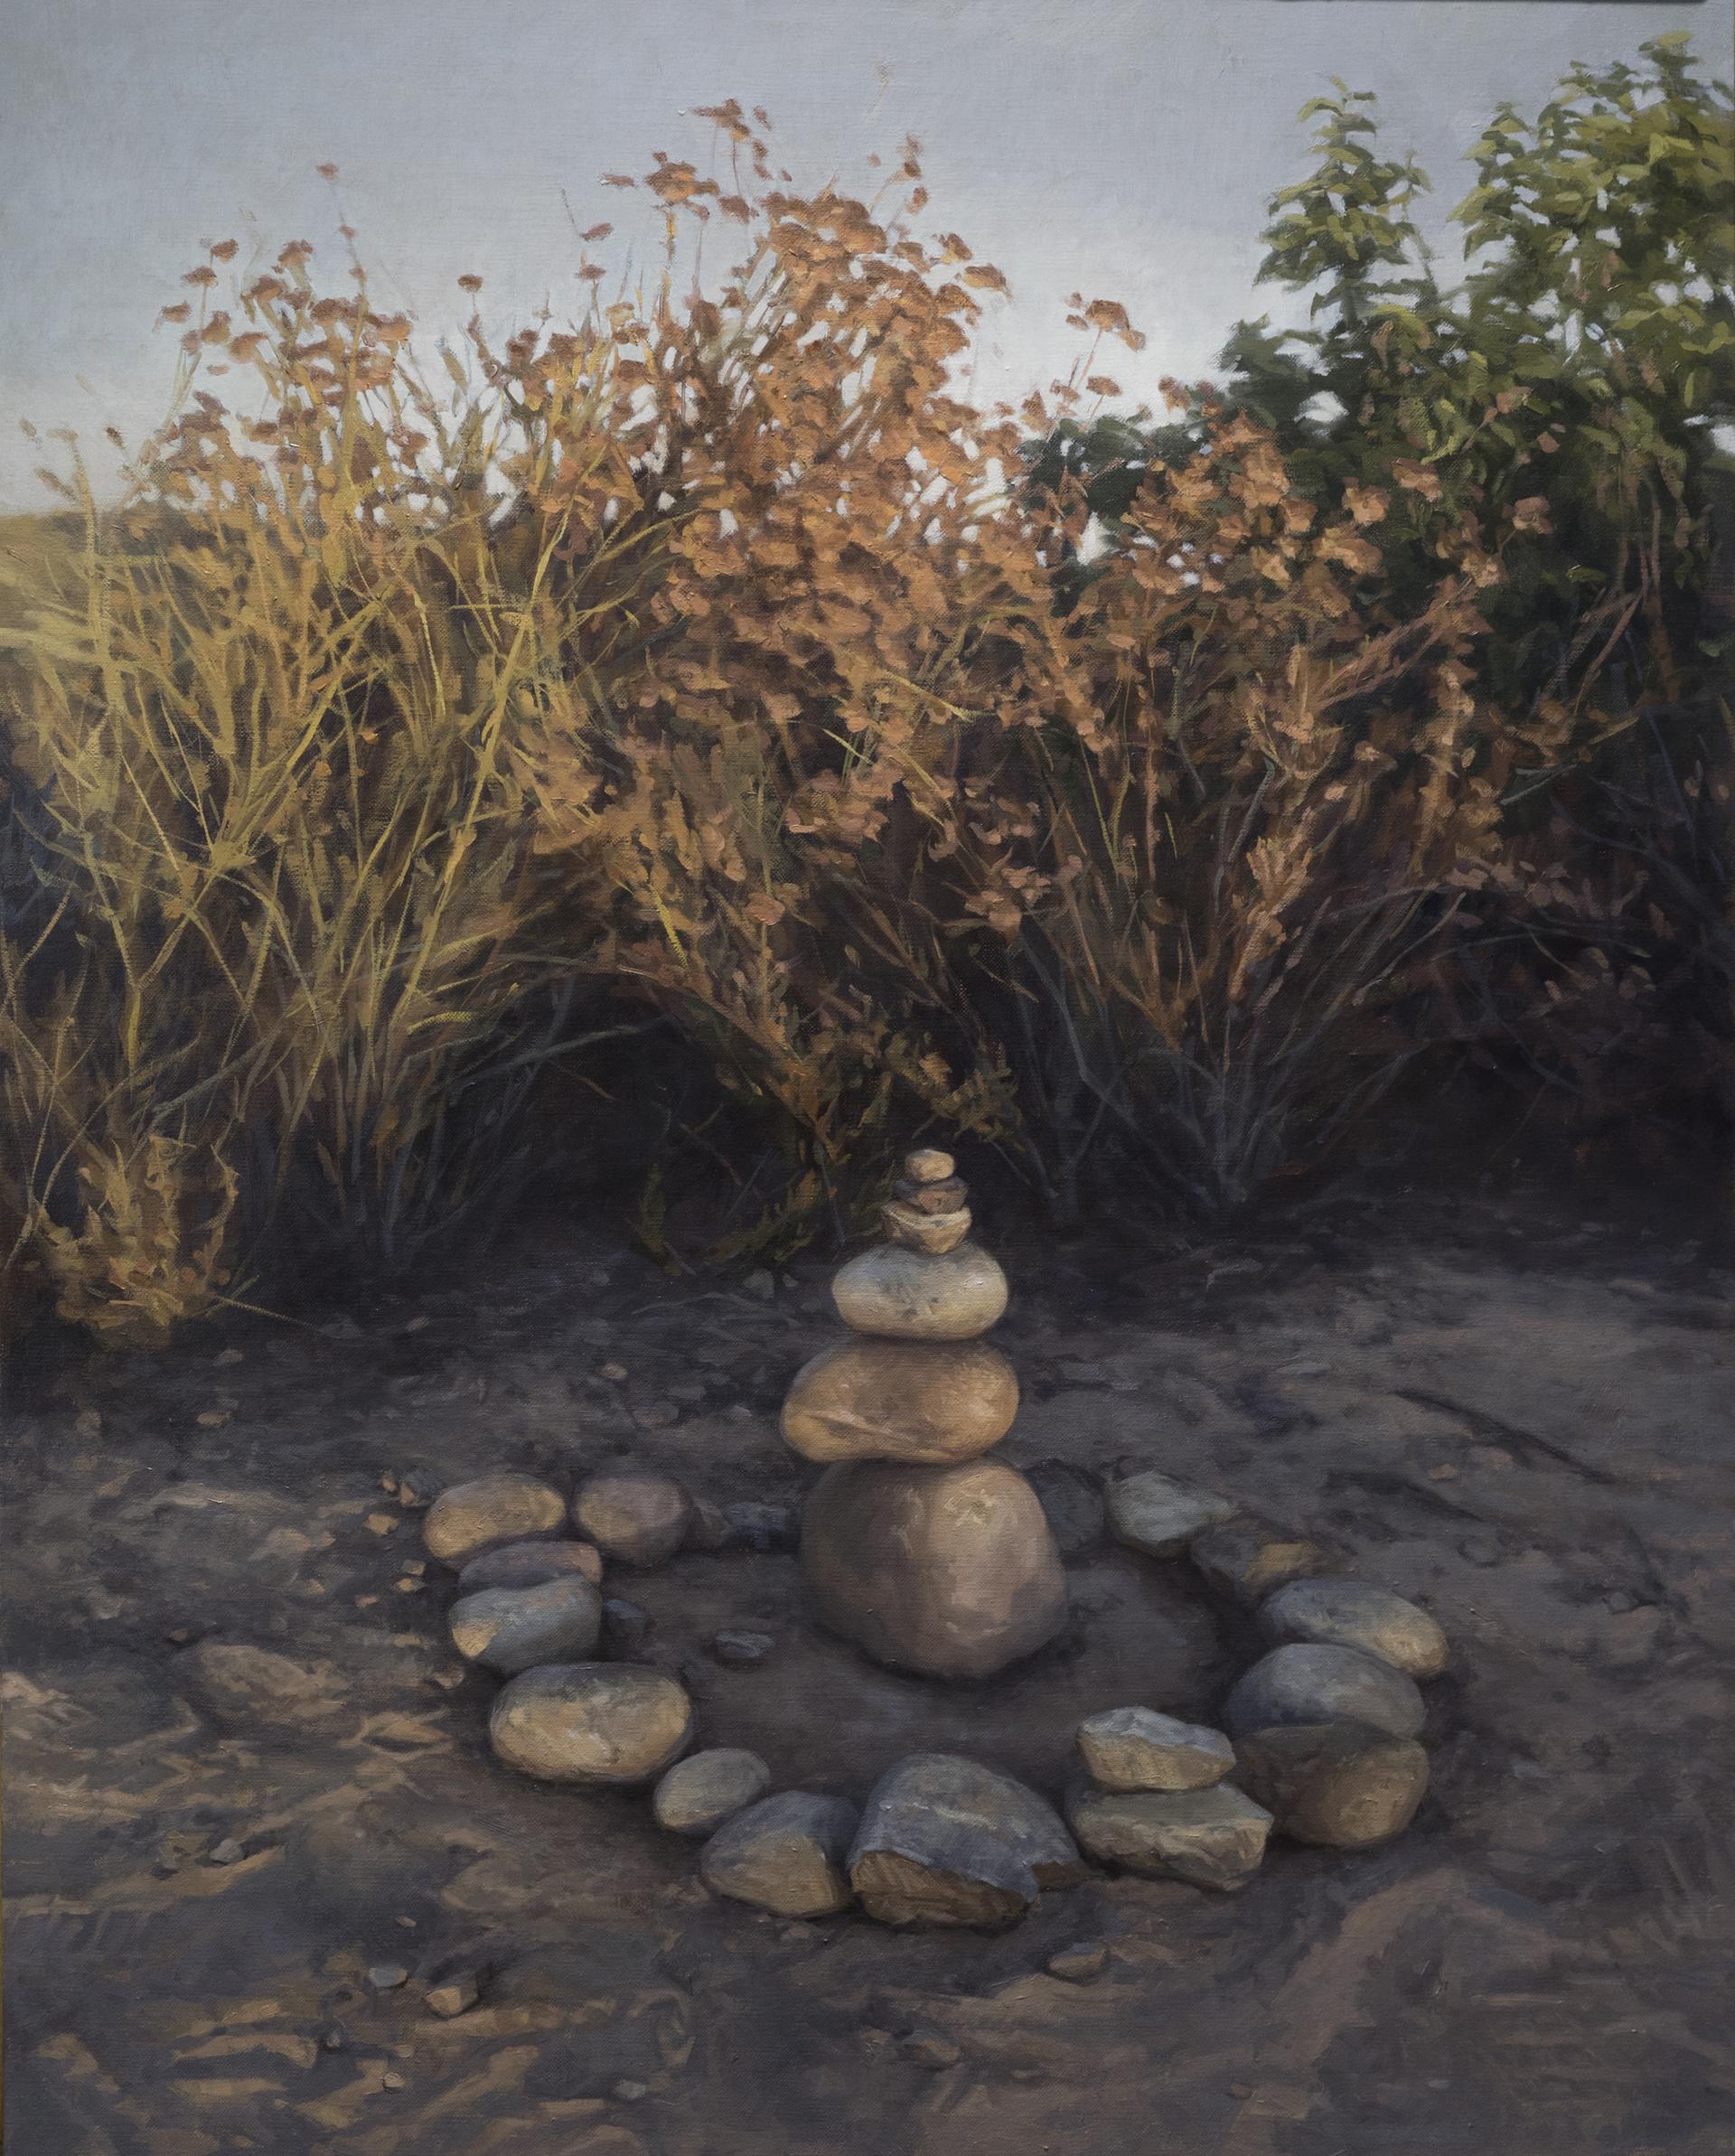 Bedrock by Robin Cole